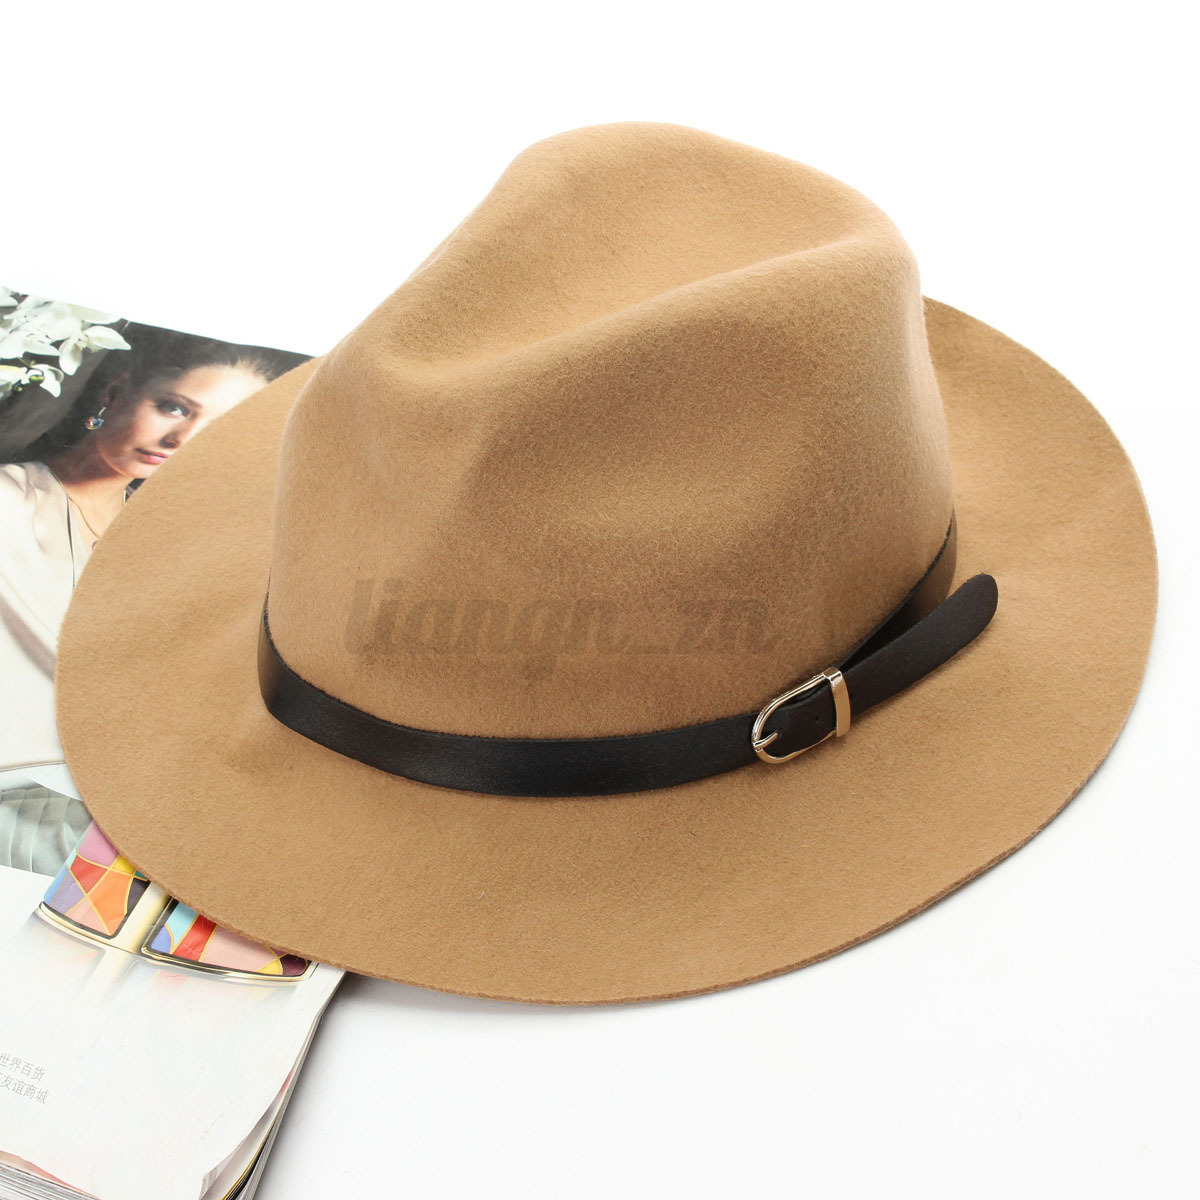 vintage chapeau femme casquette laine hiver capeline beret bonnet boucle cap ebay. Black Bedroom Furniture Sets. Home Design Ideas